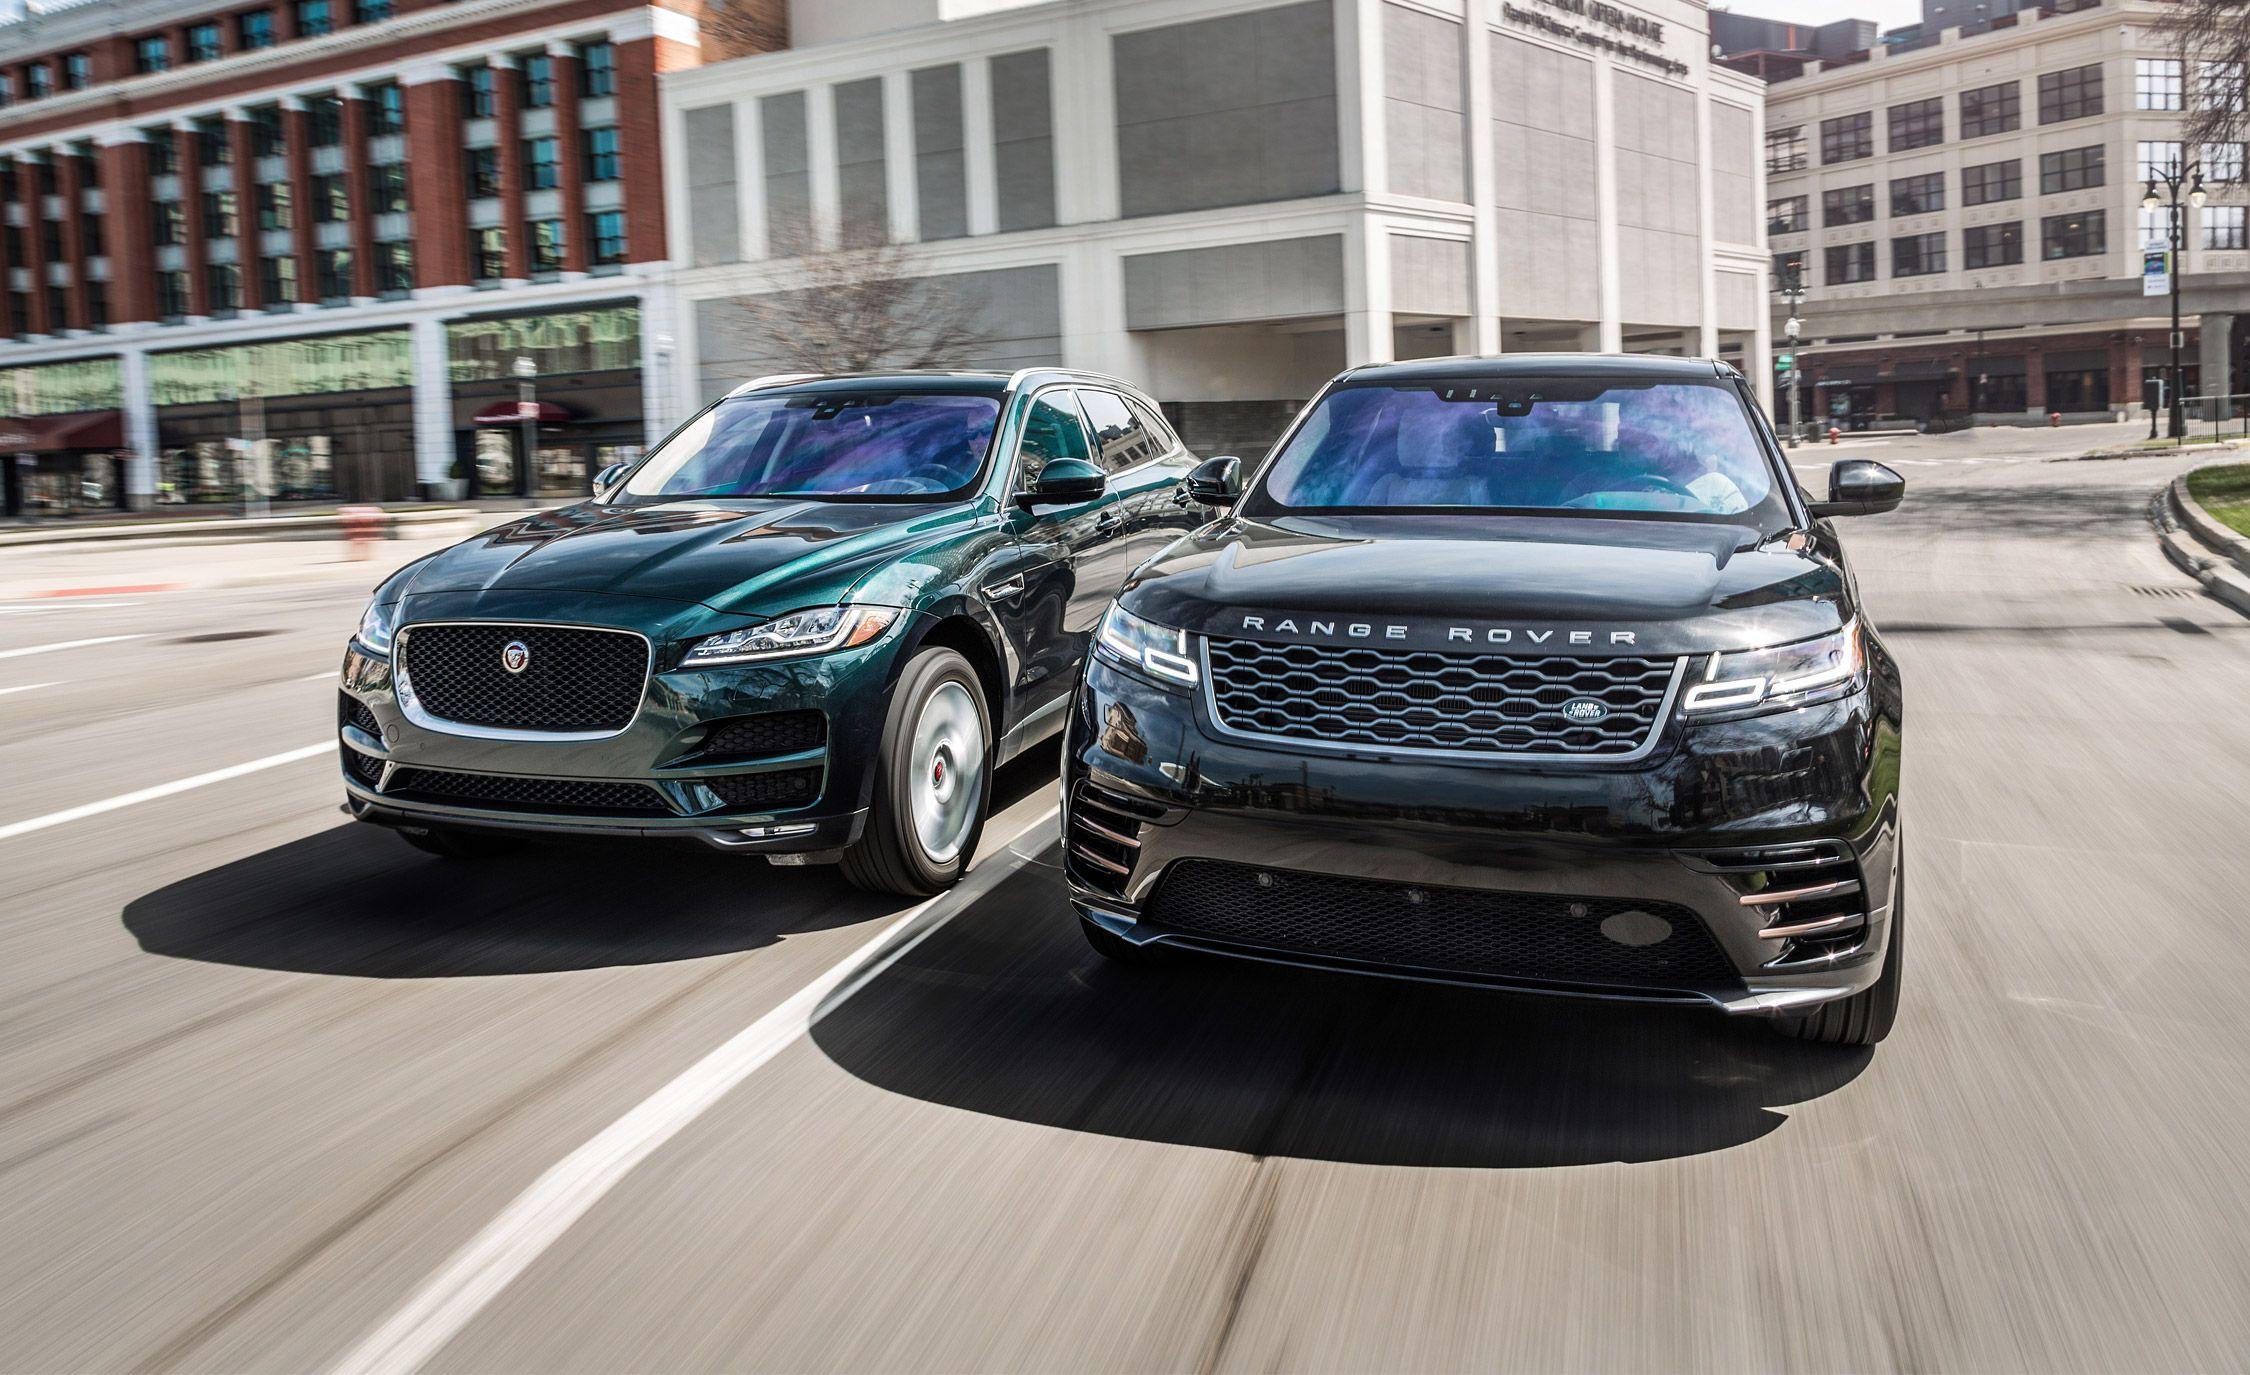 2018 Jaguar F Pace Vs 2018 Range Rover Velar